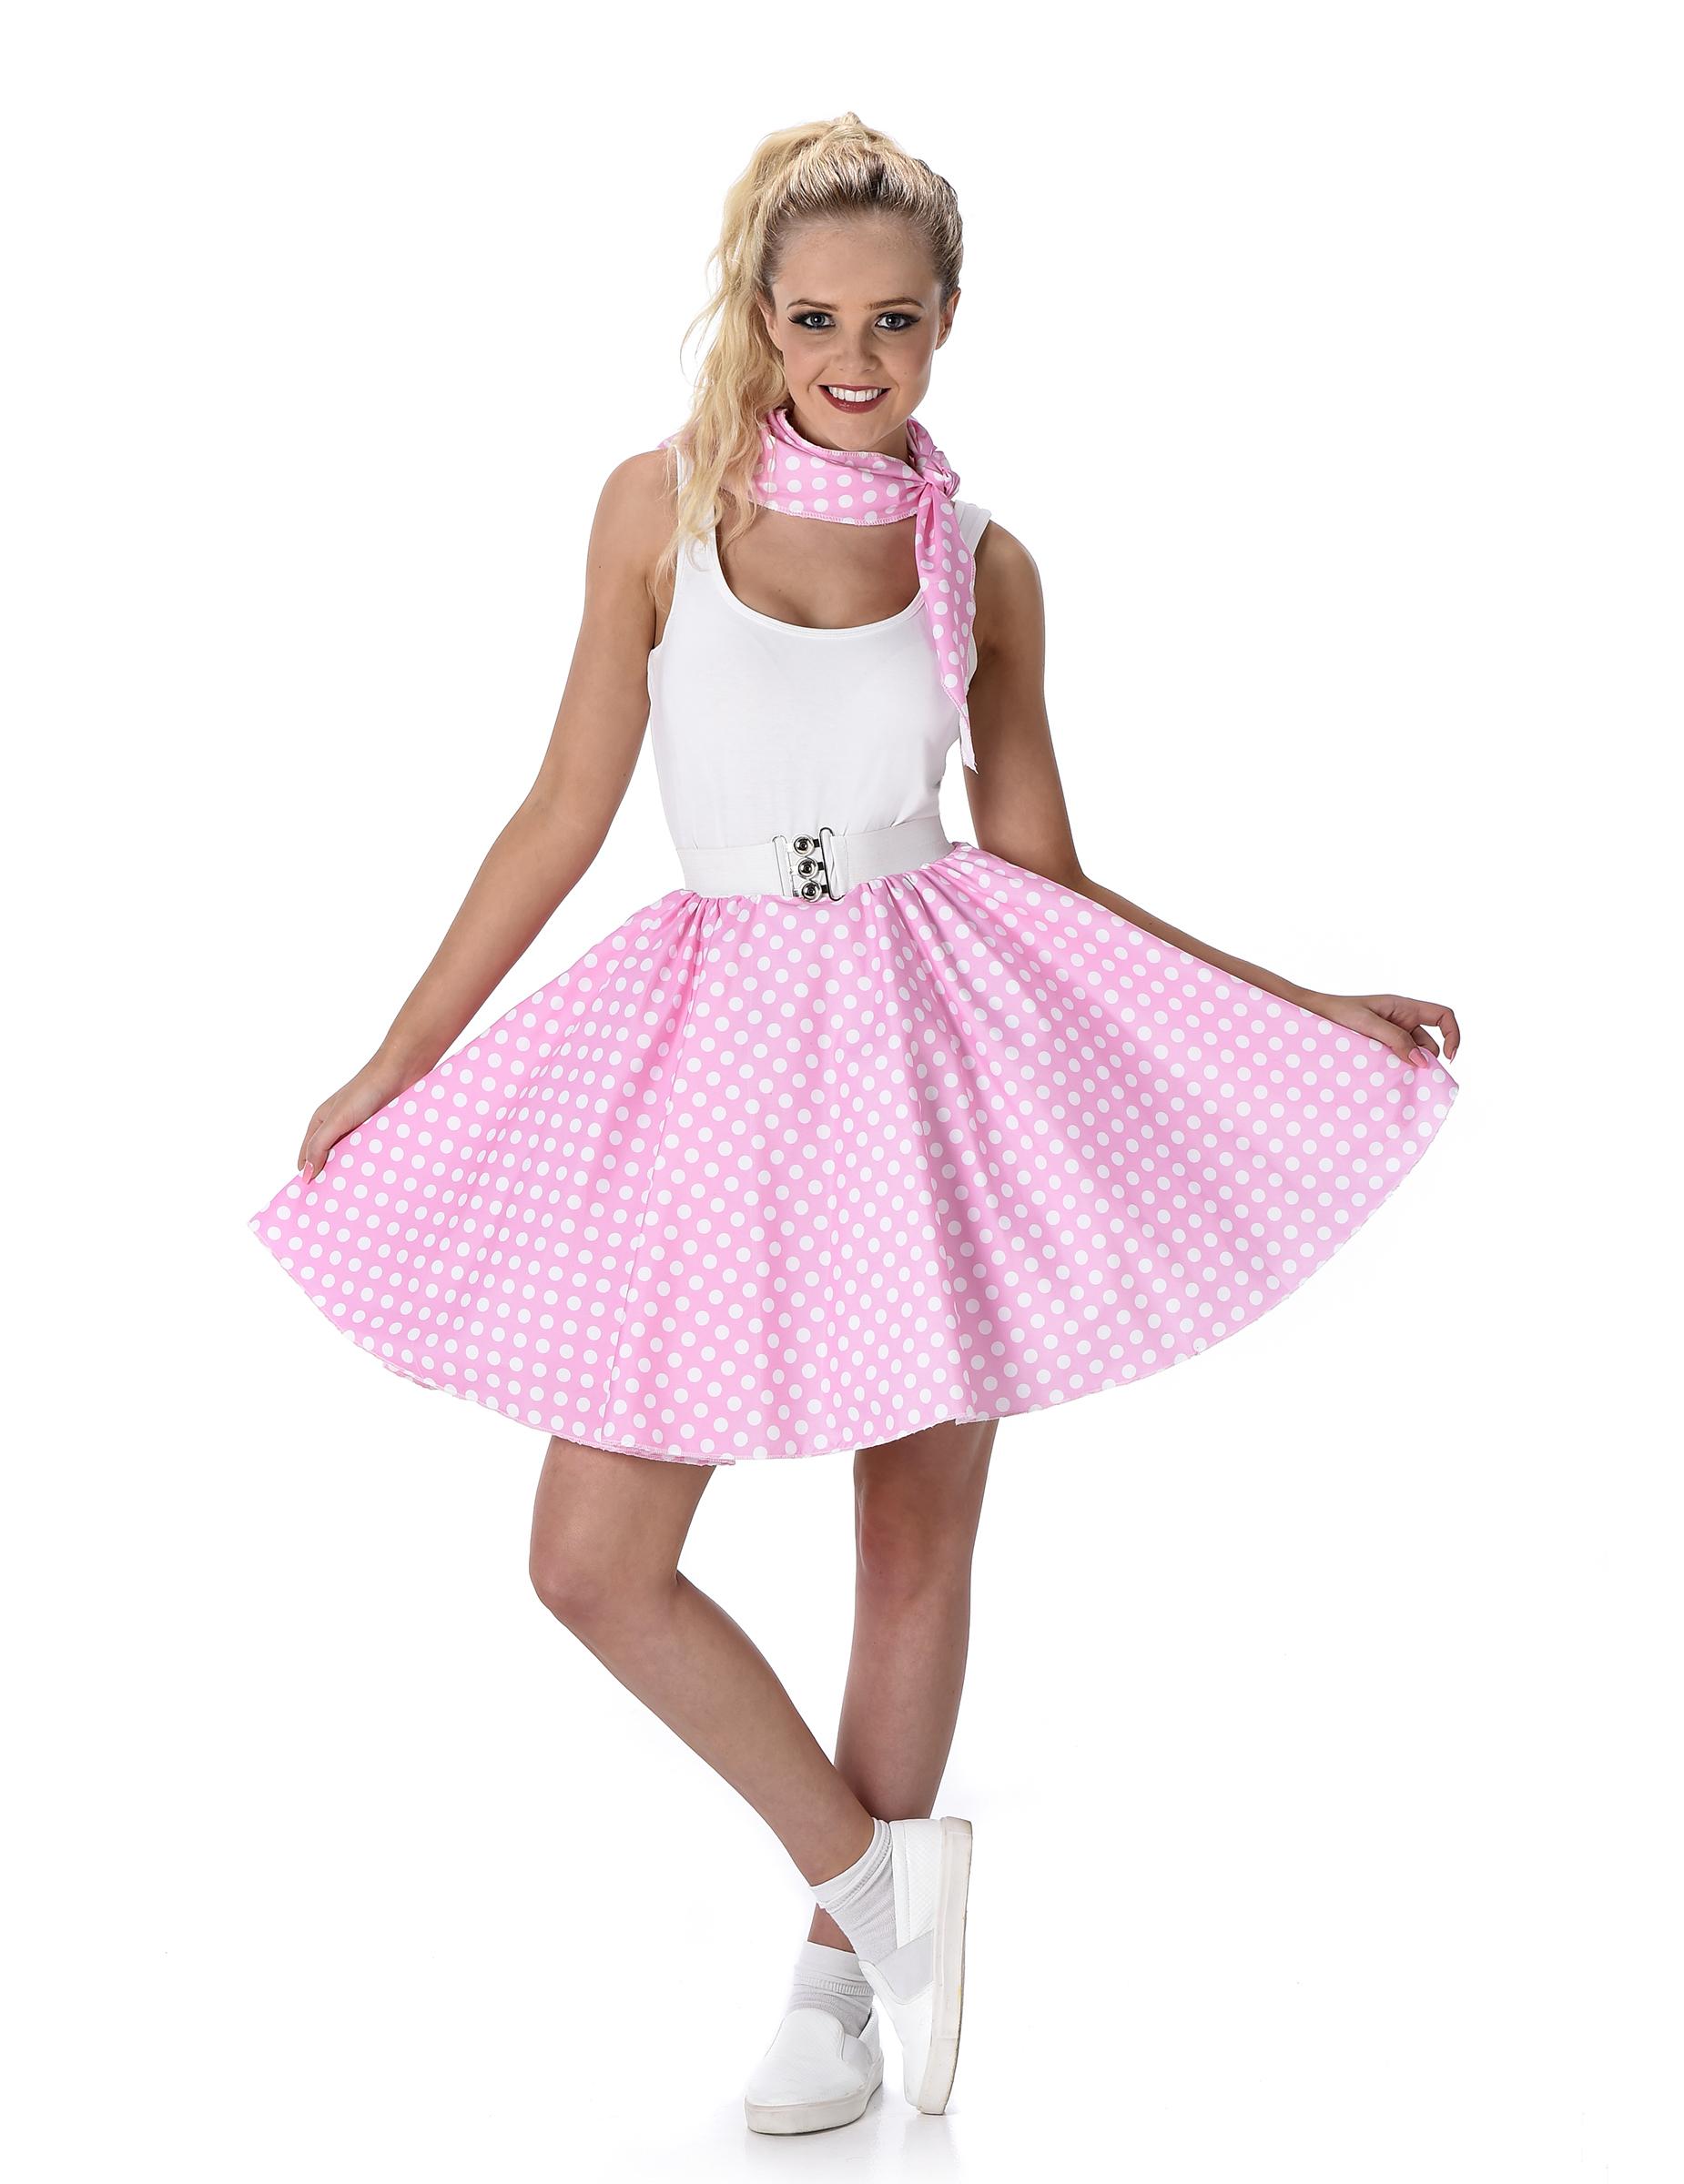 Geliefde Jaren 50-60 kleding voor vrouwen - Vegaoo.nl #DP45